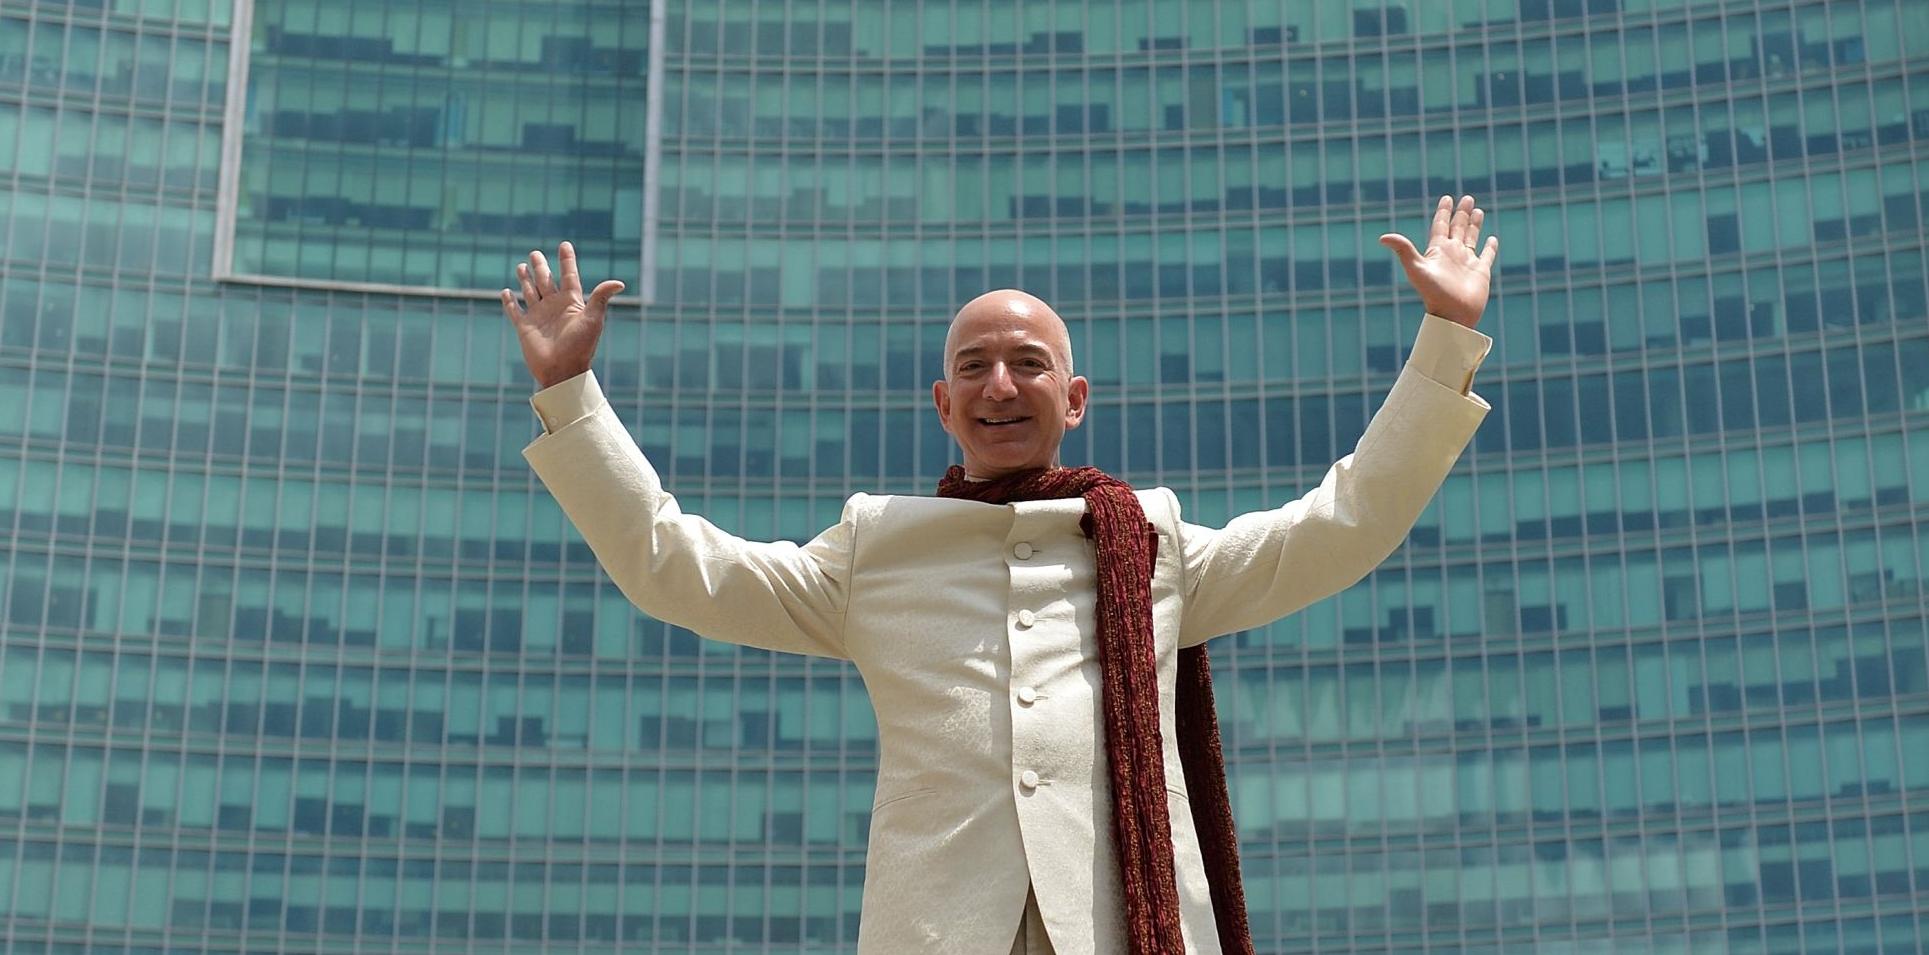 Jeff Bezos kiszáll, idén távozik a vezérigazgatói székből